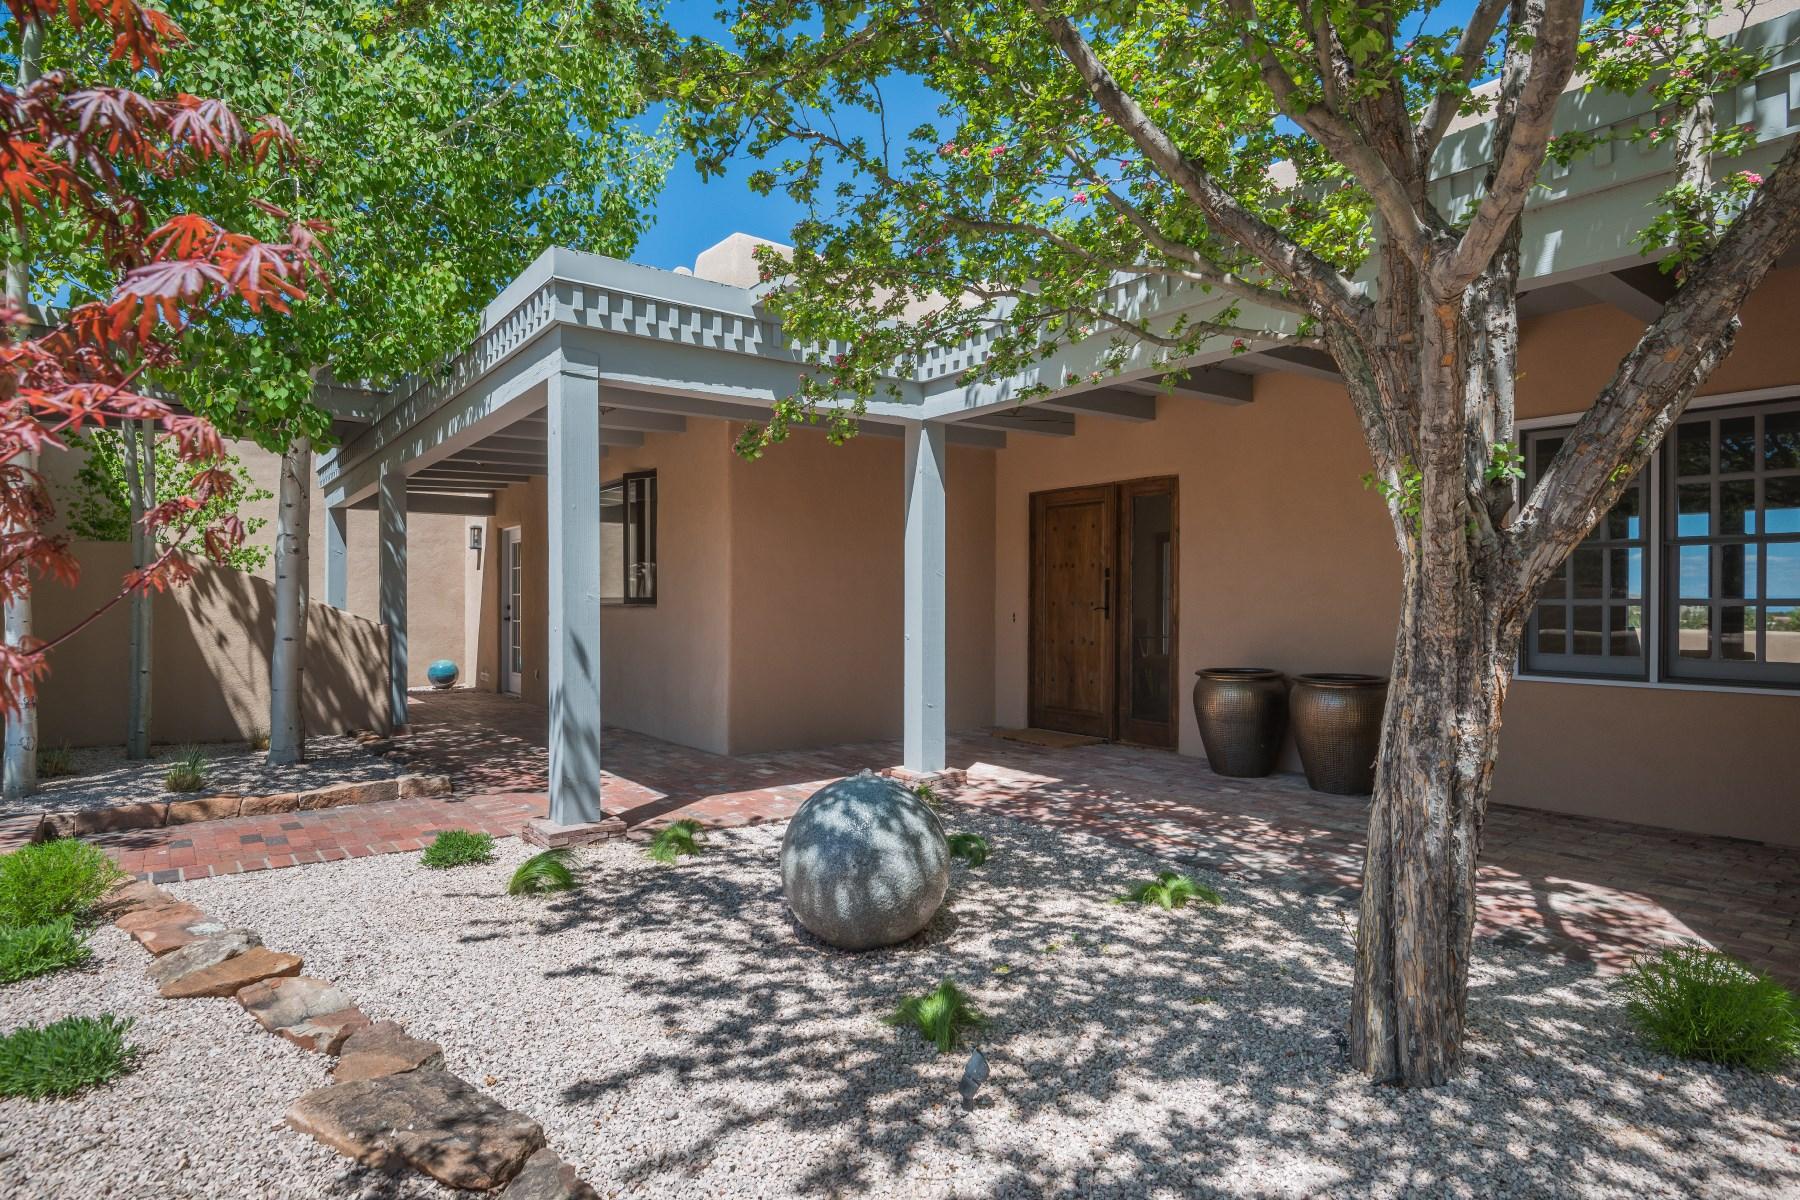 단독 가정 주택 용 매매 에 75 Avenida de las Casas Northwest Of City Limits, Santa Fe, 뉴멕시코, 87506 미국